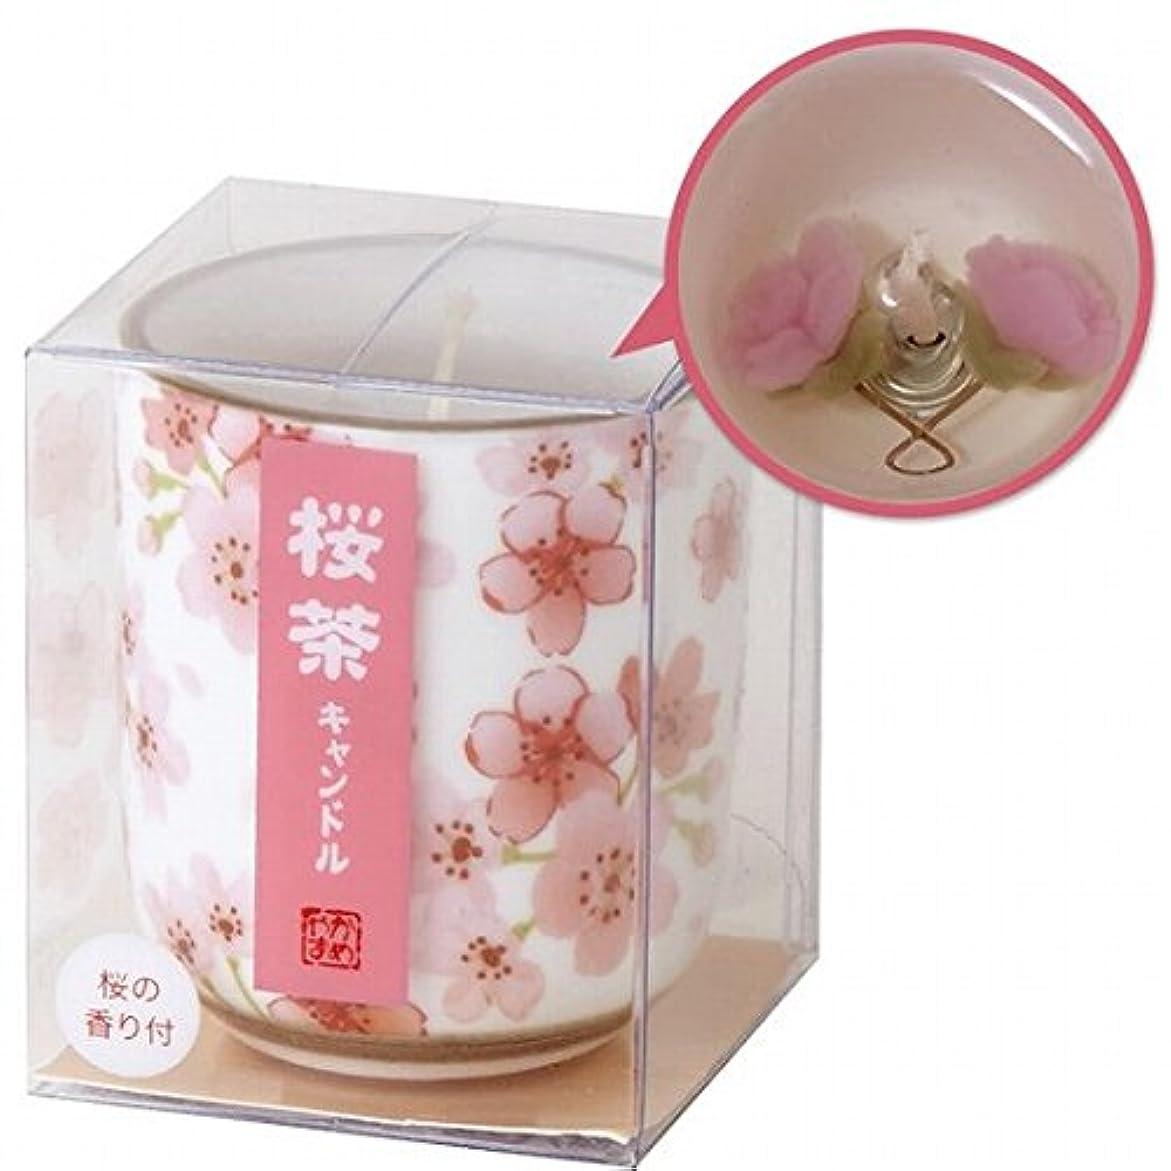 スキニー確認倫理的kameyama candle(カメヤマキャンドル) 桜茶キャンドル(小)6個セット(86580010)